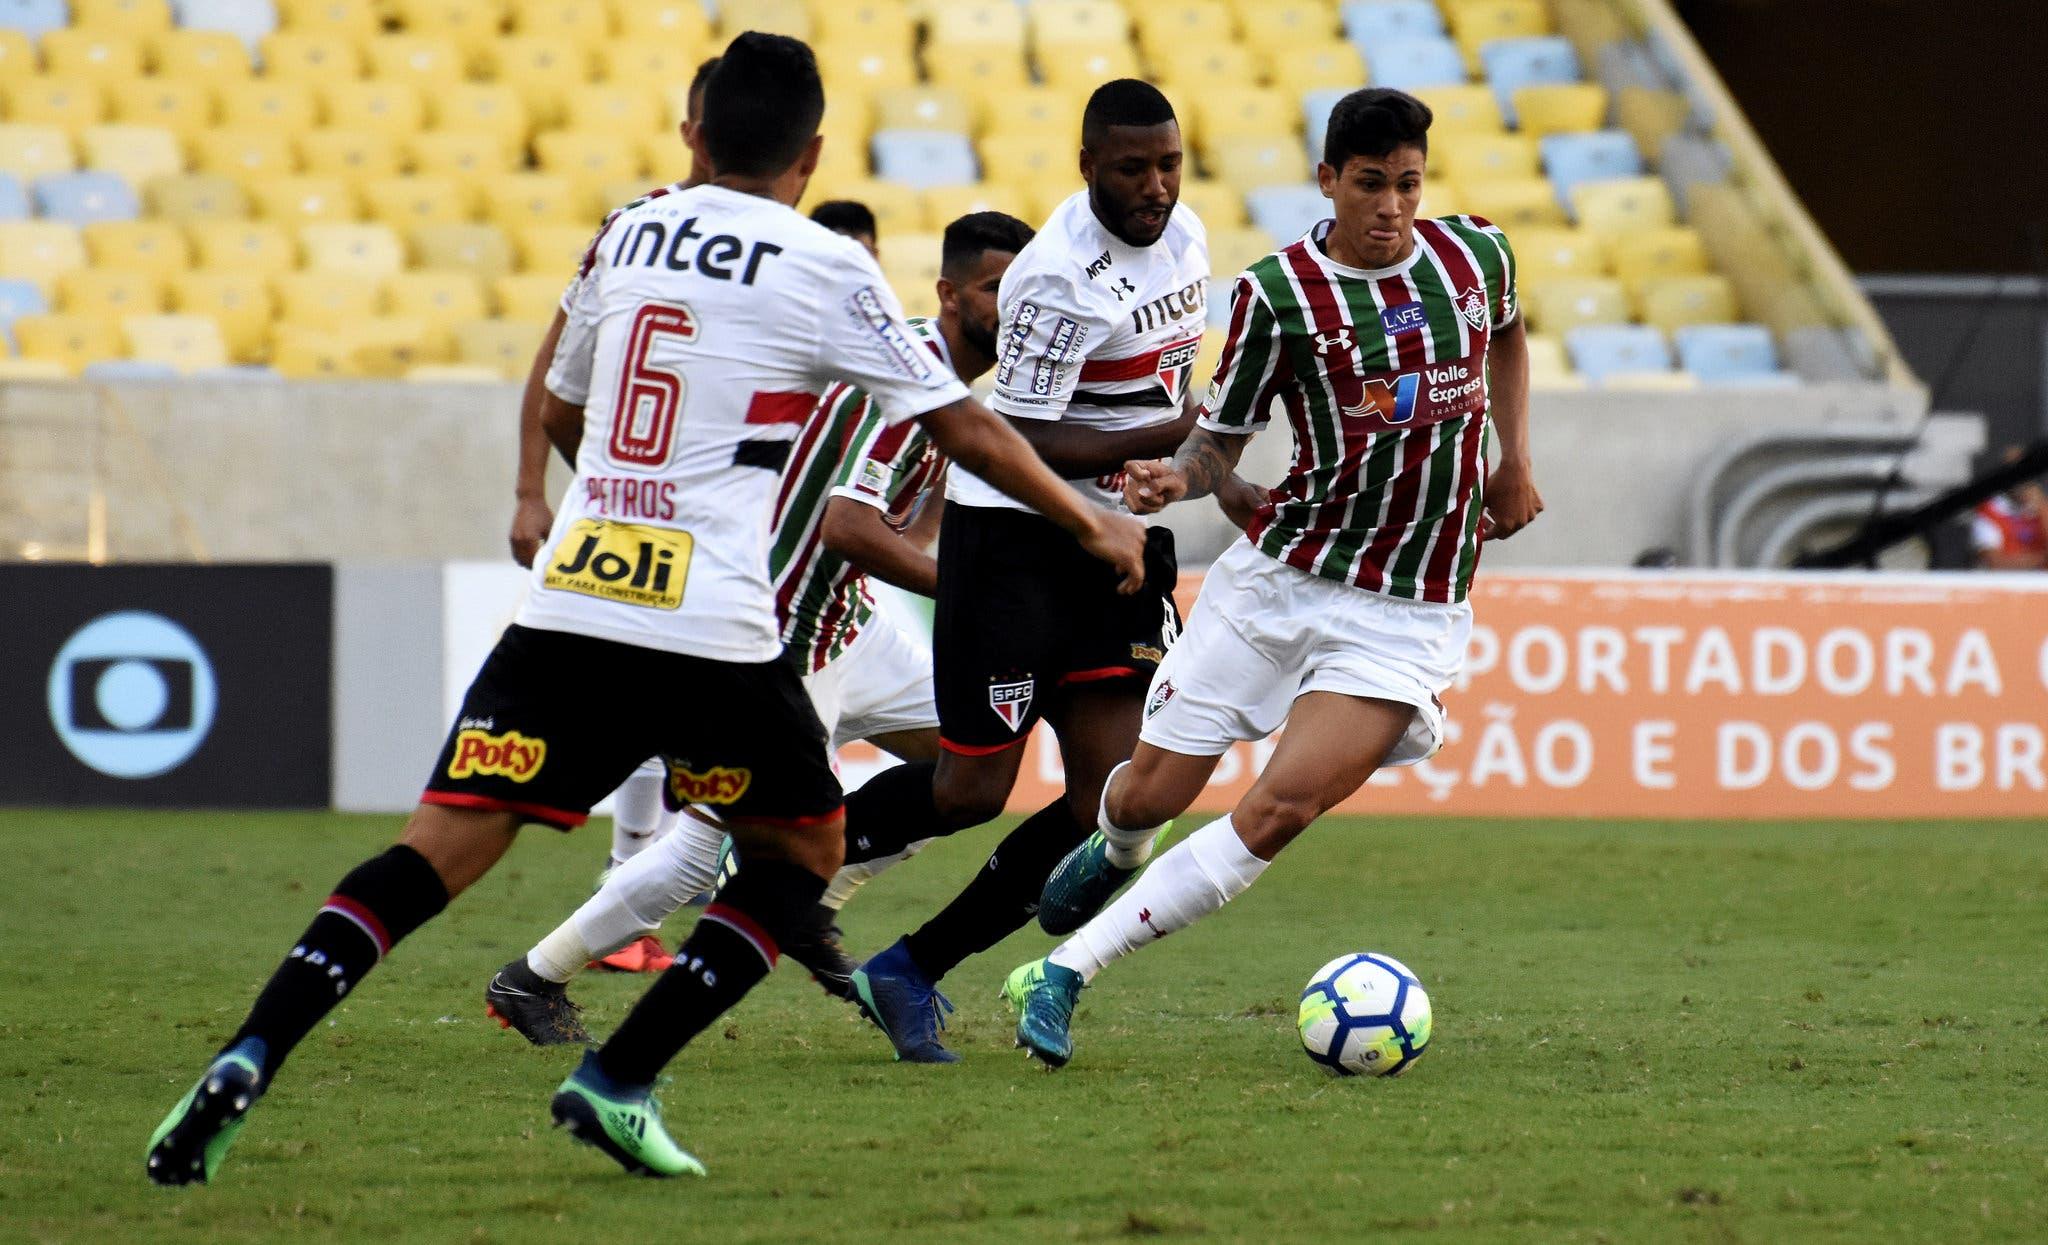 Resultado de imagen de São Paulo x Fluminense.